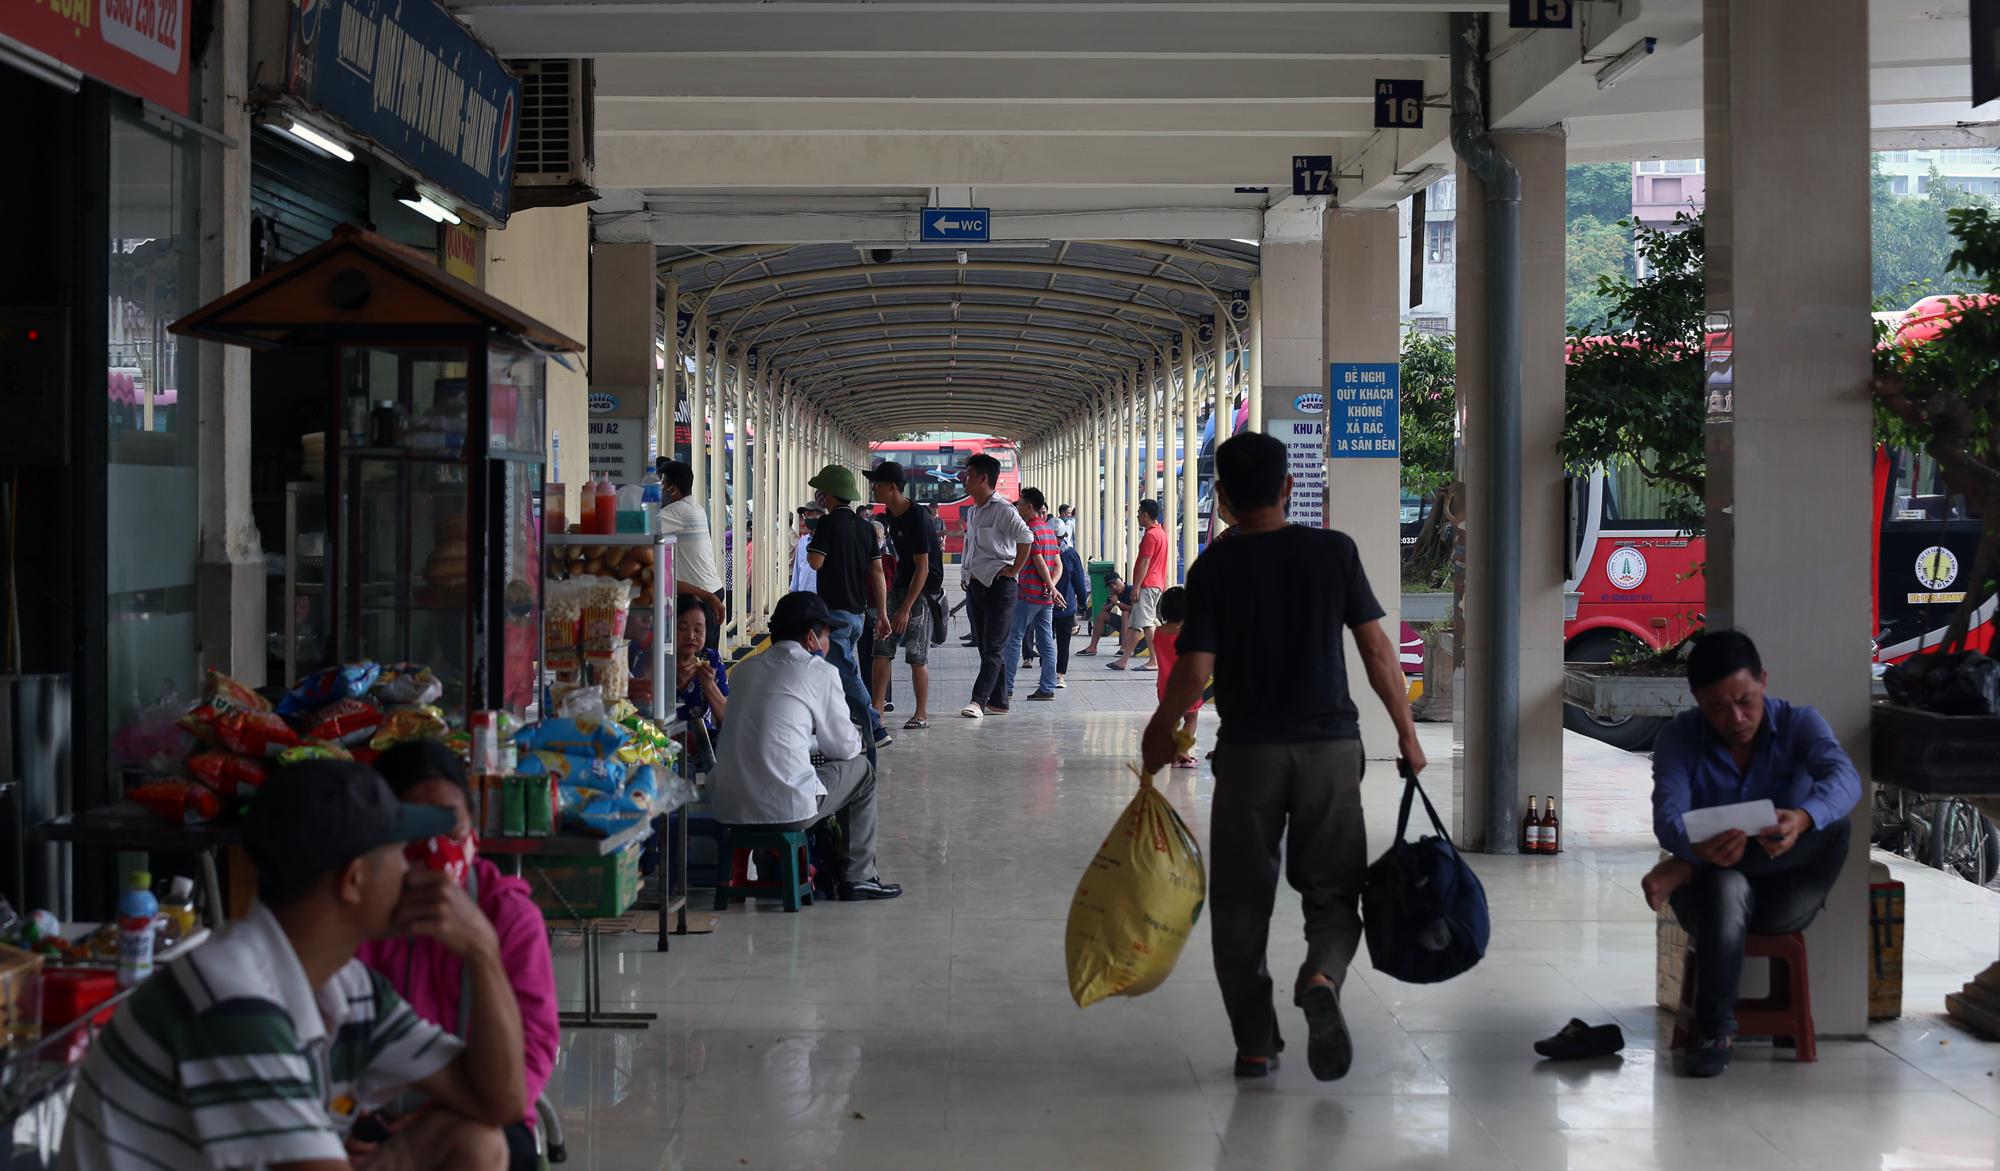 Vận tải khách trở lại bình thường, bến xe ở Hà Nội vẫn vắng vẻ - Ảnh 10.